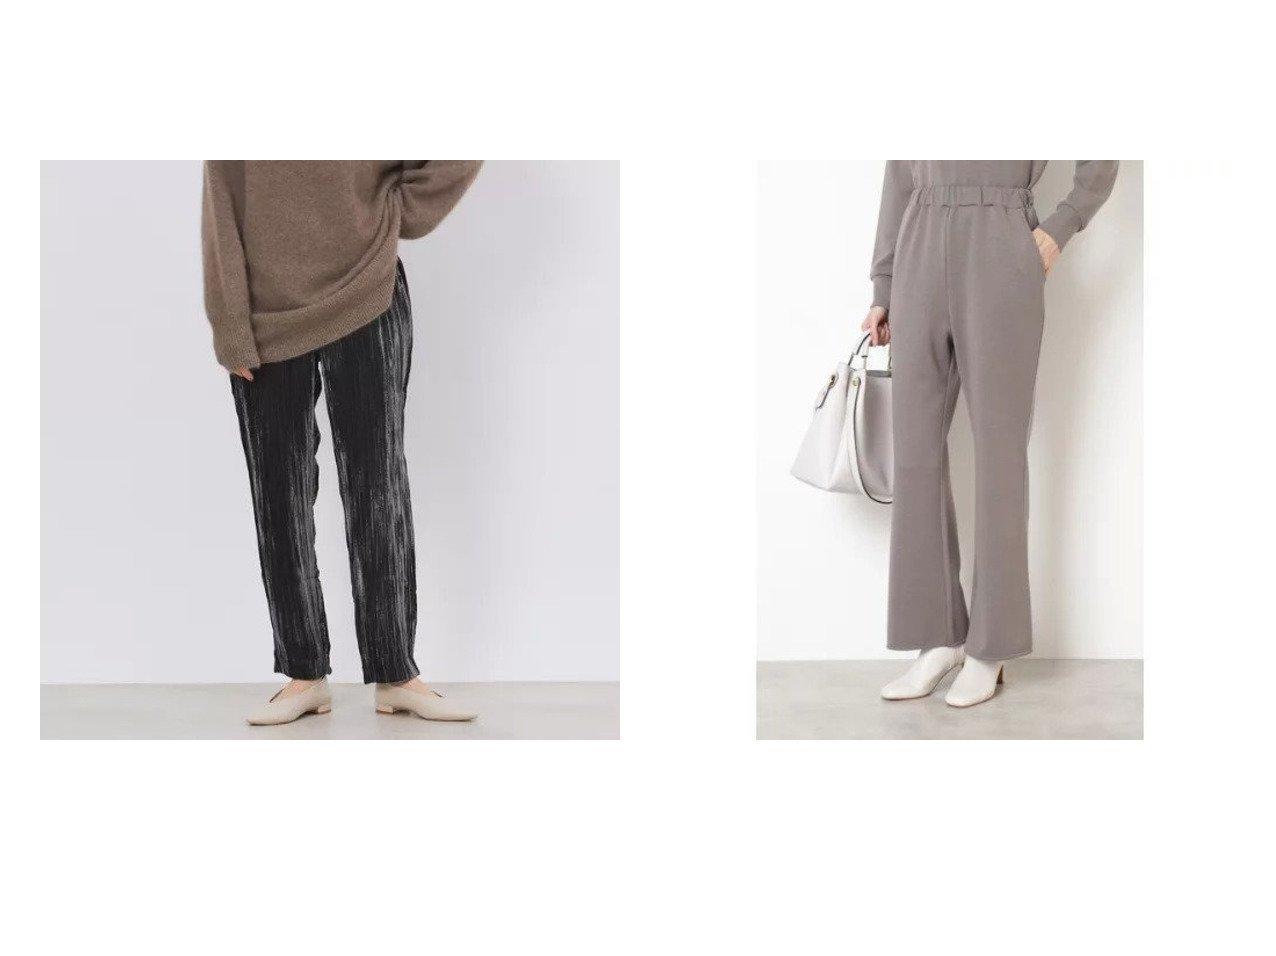 【Rouge vif/ルージュ ヴィフ】の【enrica】クラッシュベルベットパンツ&【NATURAL BEAUTY BASIC/ナチュラル ビューティー ベーシック】のポンチカットソーパンツ パンツのおすすめ!人気、トレンド・レディースファッションの通販 おすすめで人気の流行・トレンド、ファッションの通販商品 メンズファッション・キッズファッション・インテリア・家具・レディースファッション・服の通販 founy(ファニー) https://founy.com/ ファッション Fashion レディースファッション WOMEN パンツ Pants リラックス セットアップ フレア 今季 |ID:crp329100000015282